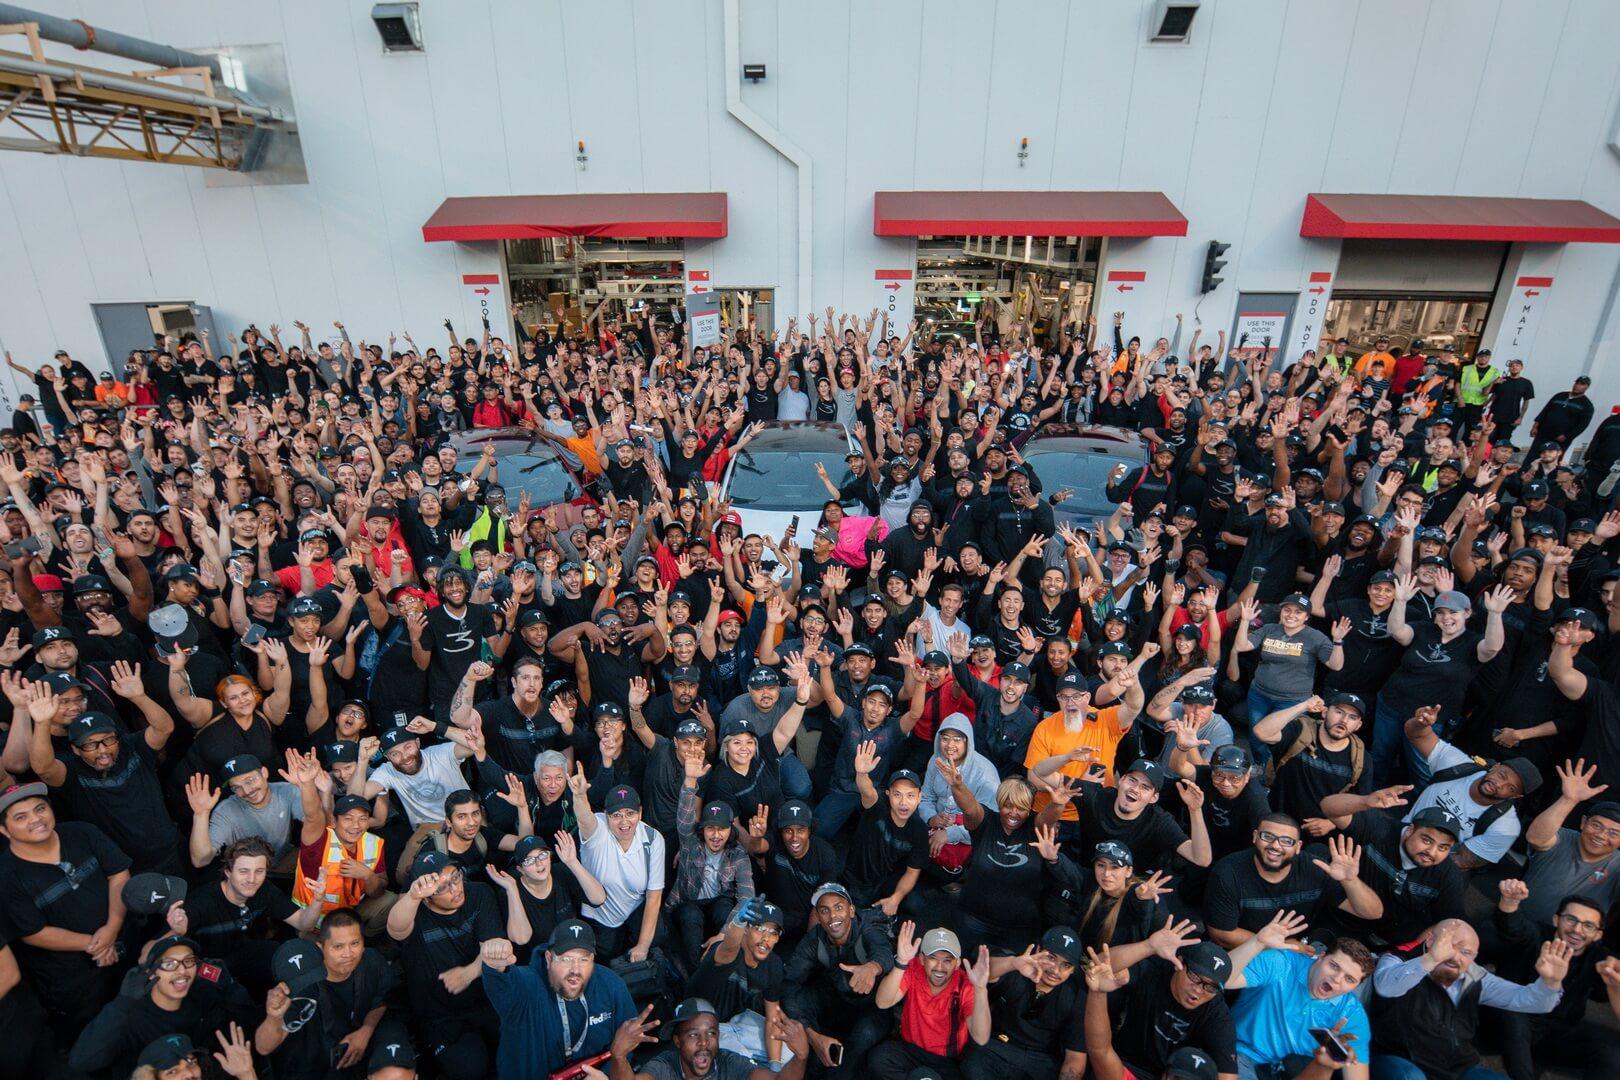 Фотография команды, празднующих достижения целей производства электромобилей Tesla